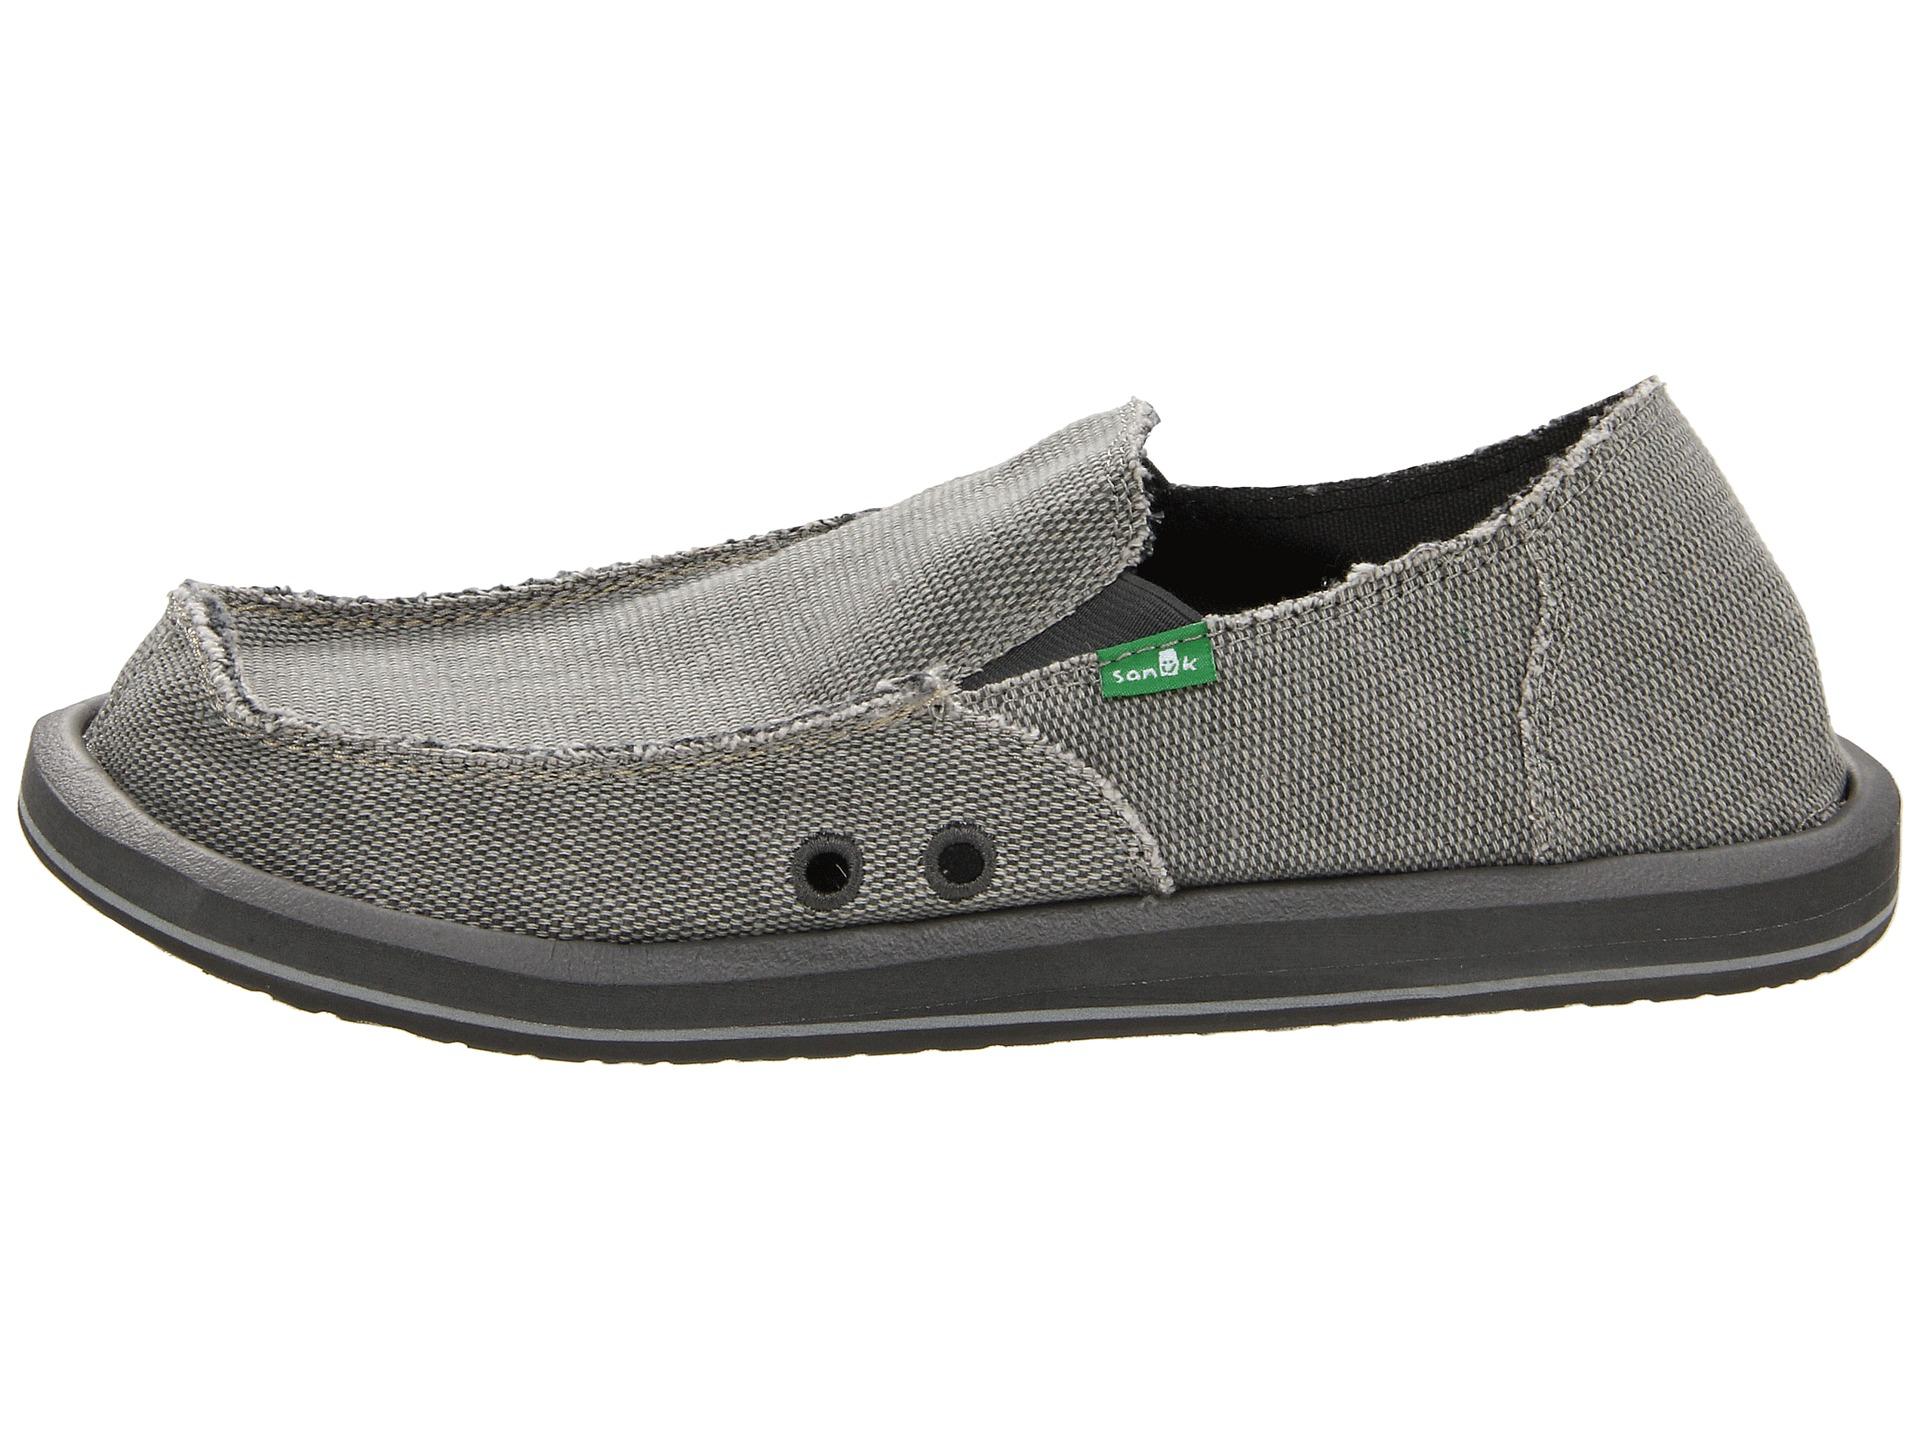 Sanuk Shoe Sizing